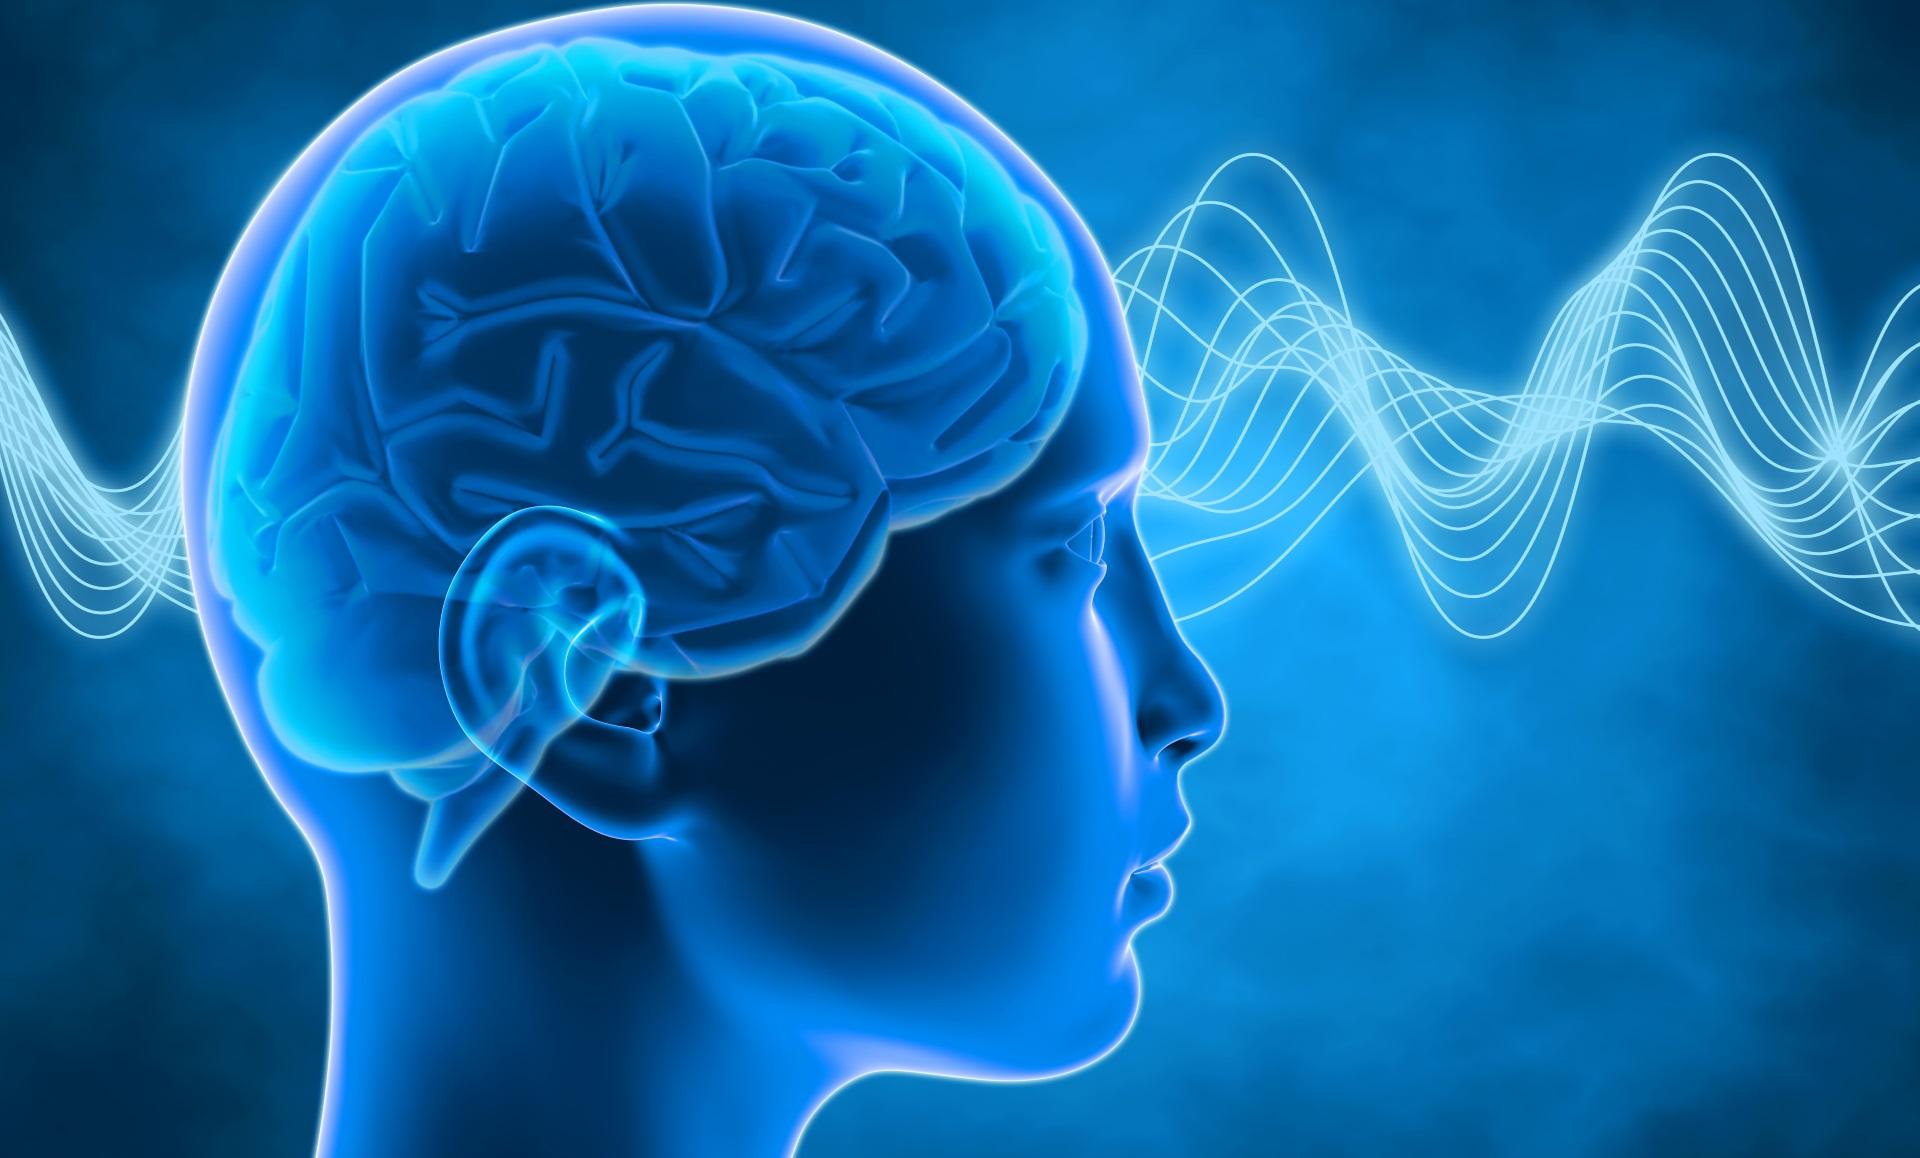 Въпреки че мъжкият мозък е с 9% по-голям от женския, броят на мозъчните клетки и при двата пола е еднакъв. Заради повишеното производство на естроген през пубертета мозъкът на момичетата съзрява с около две години по-рано от този на момчетата.